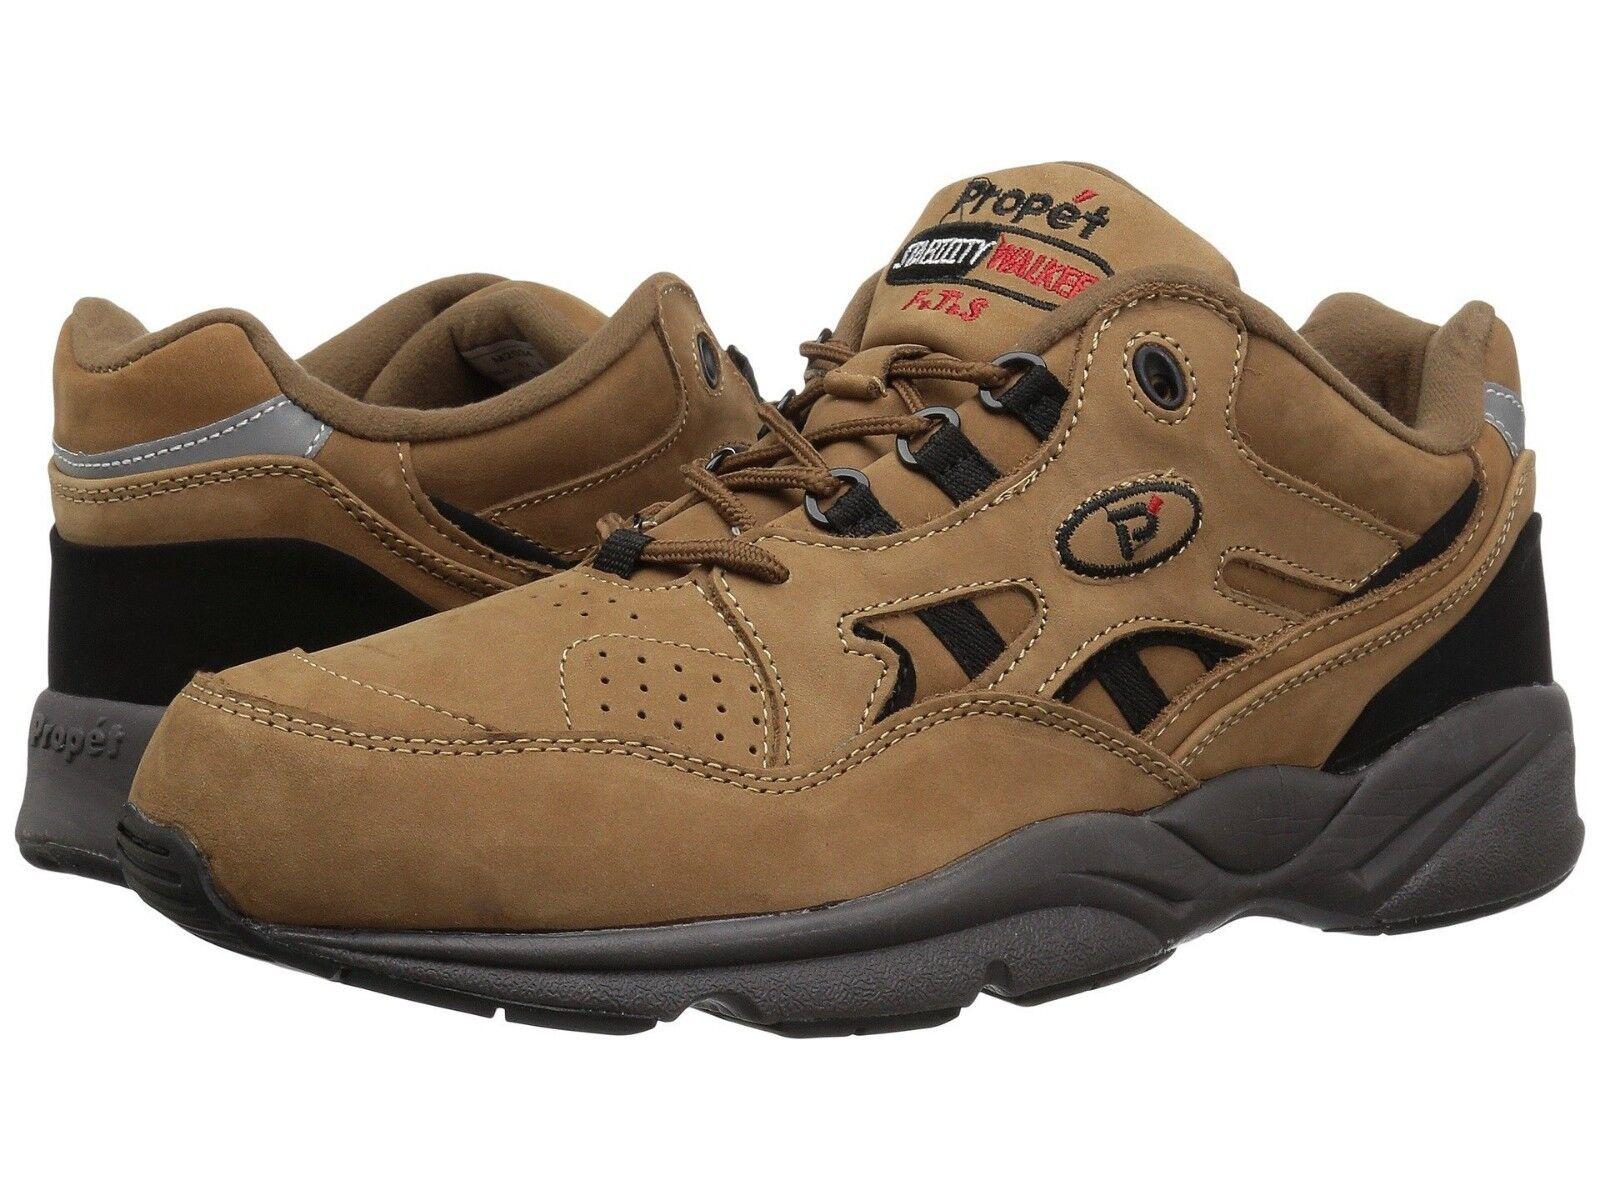 Nuevo Para hombres Propet estabilidad Walker Zapatos para Caminar Cuero Nobuck Marrón Chocolate